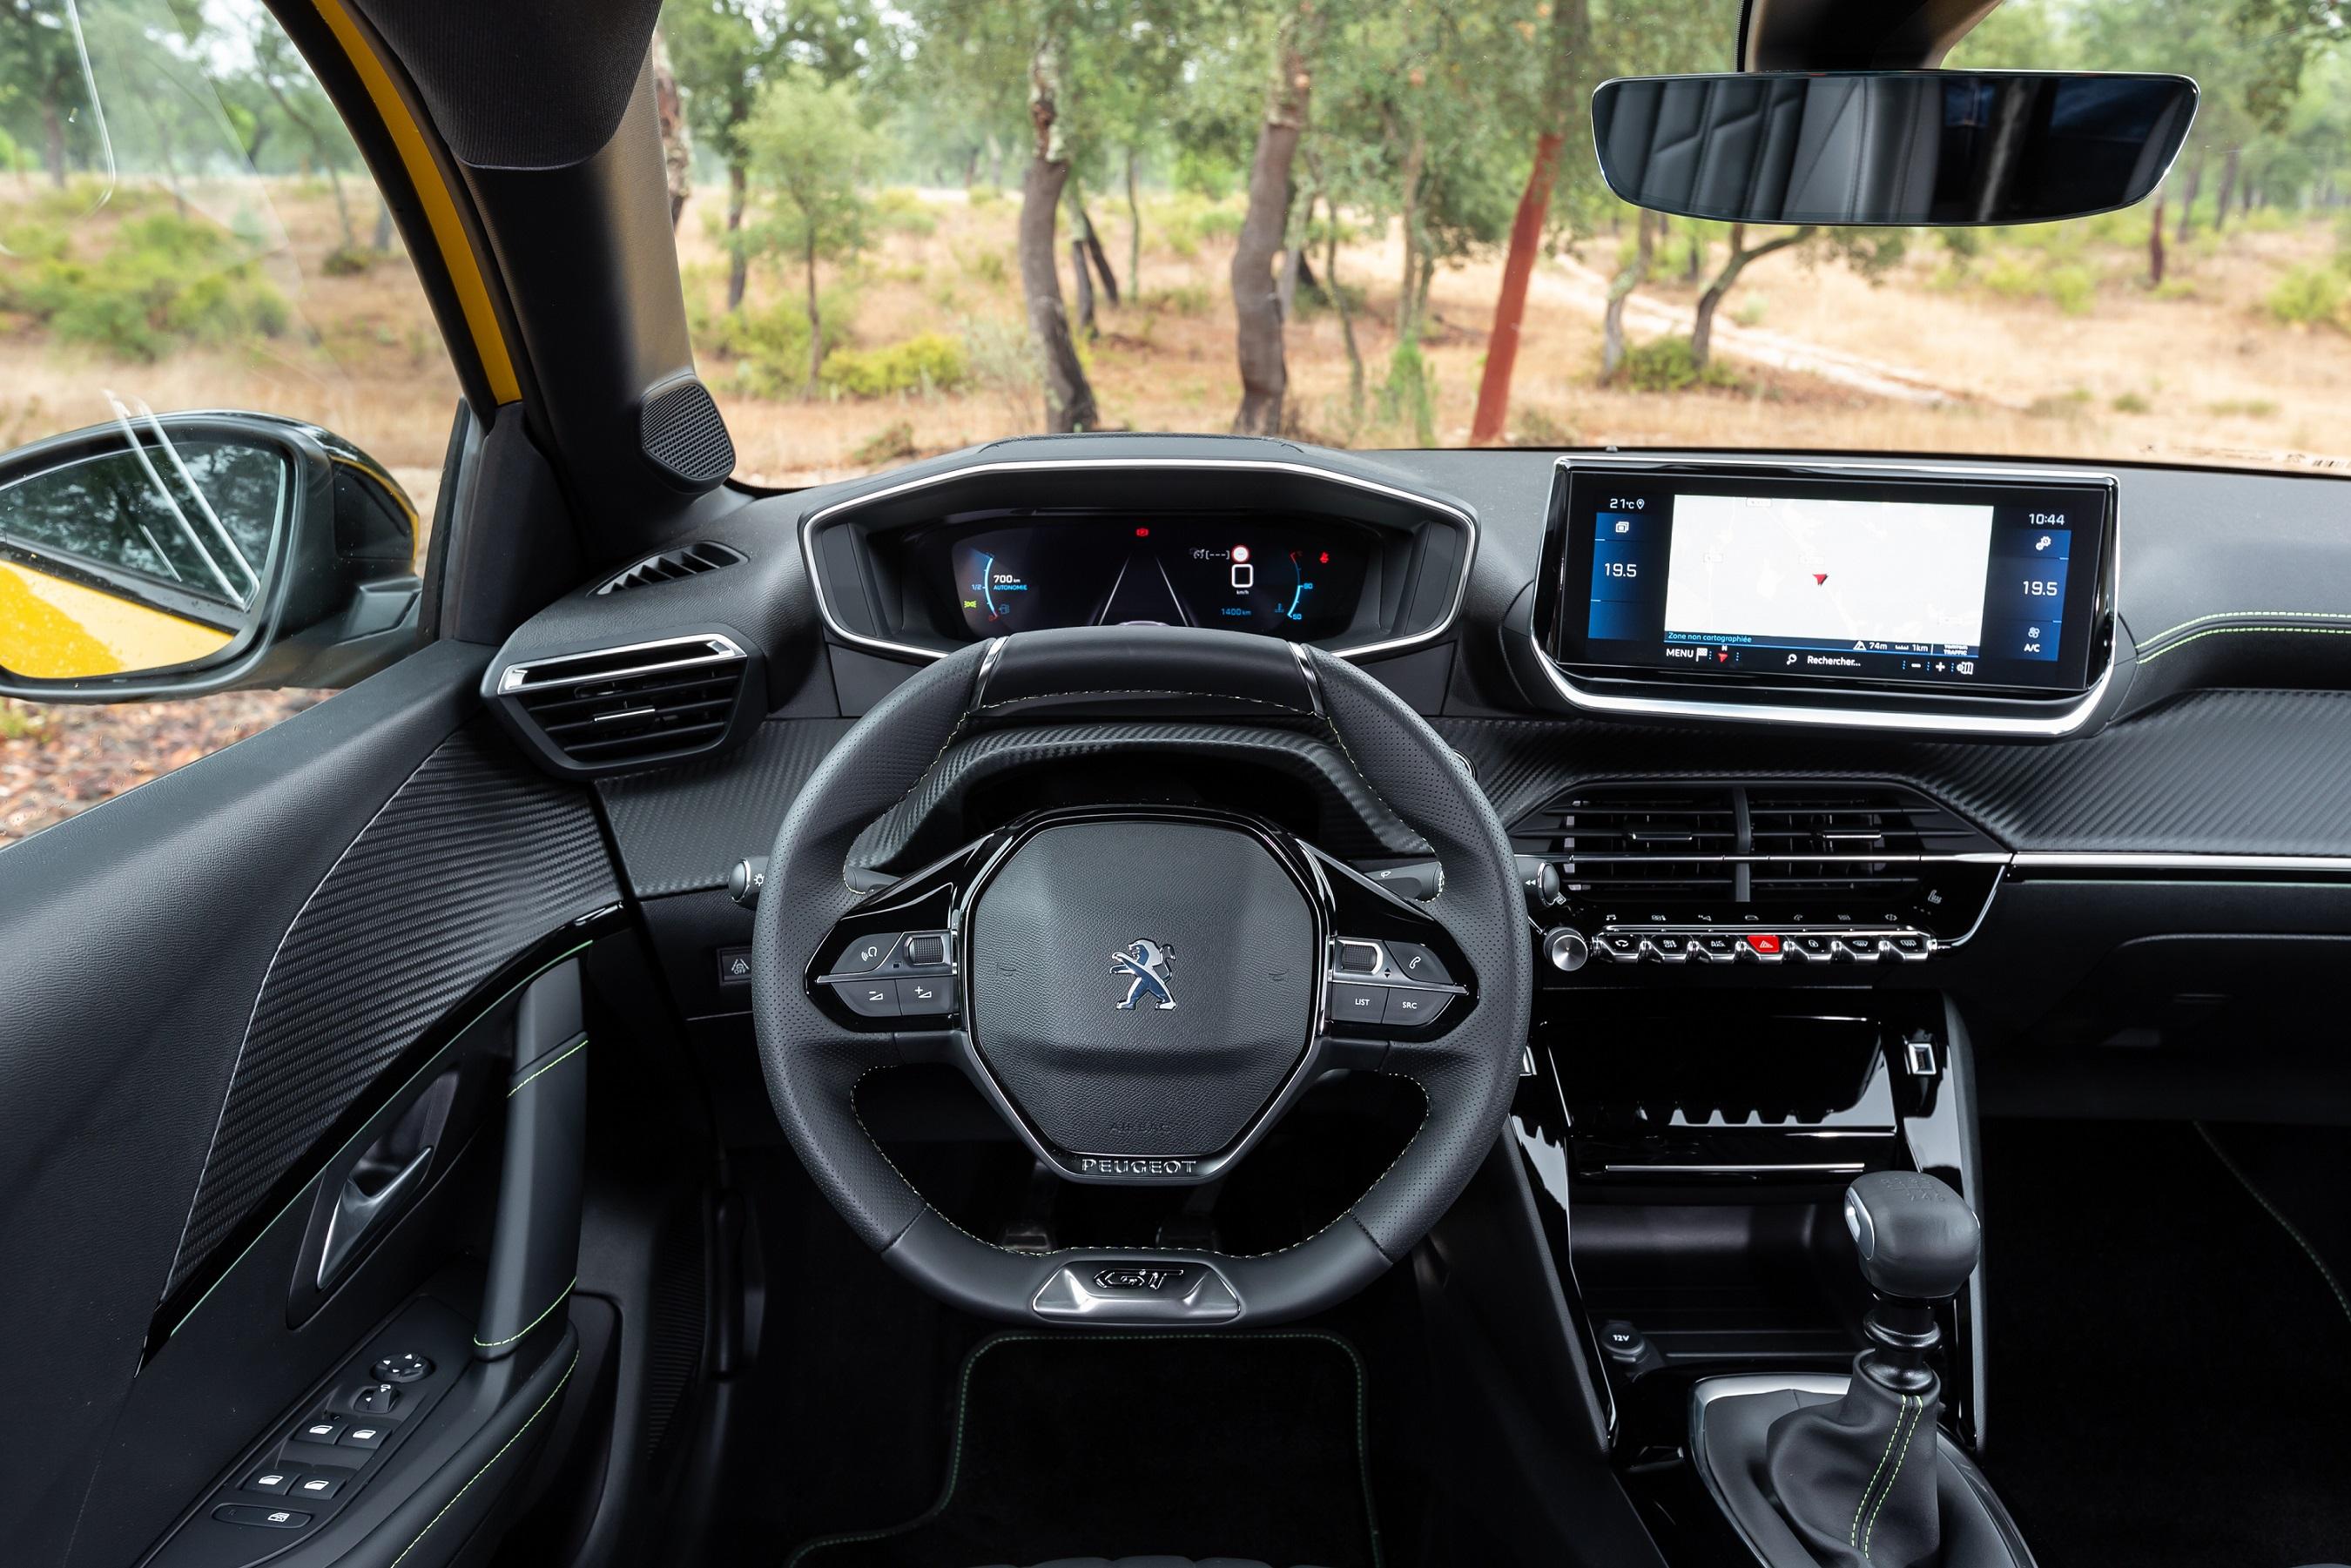 Un Peugeot i-Cockpit di nuova generazione - image PEUGEOT-i-COCKPIT-3D- on http://auto.motori.net